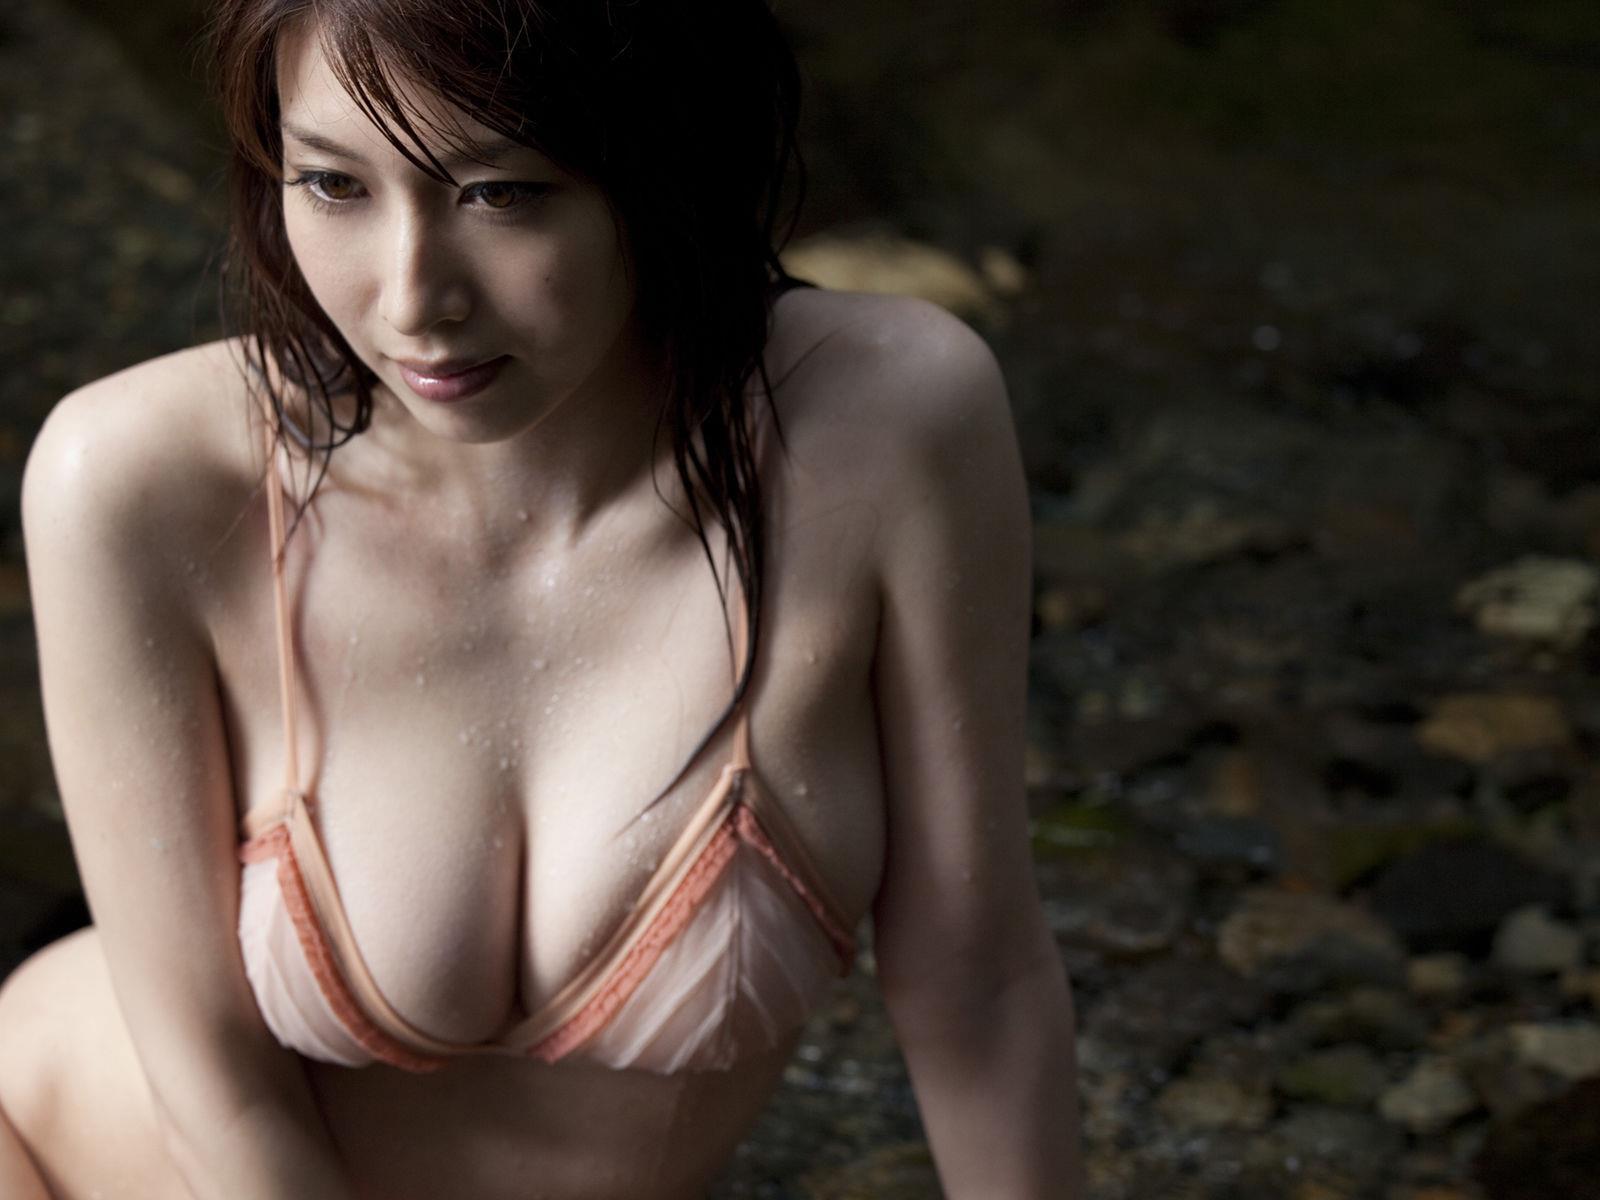 小林恵美 セミヌード画像 36